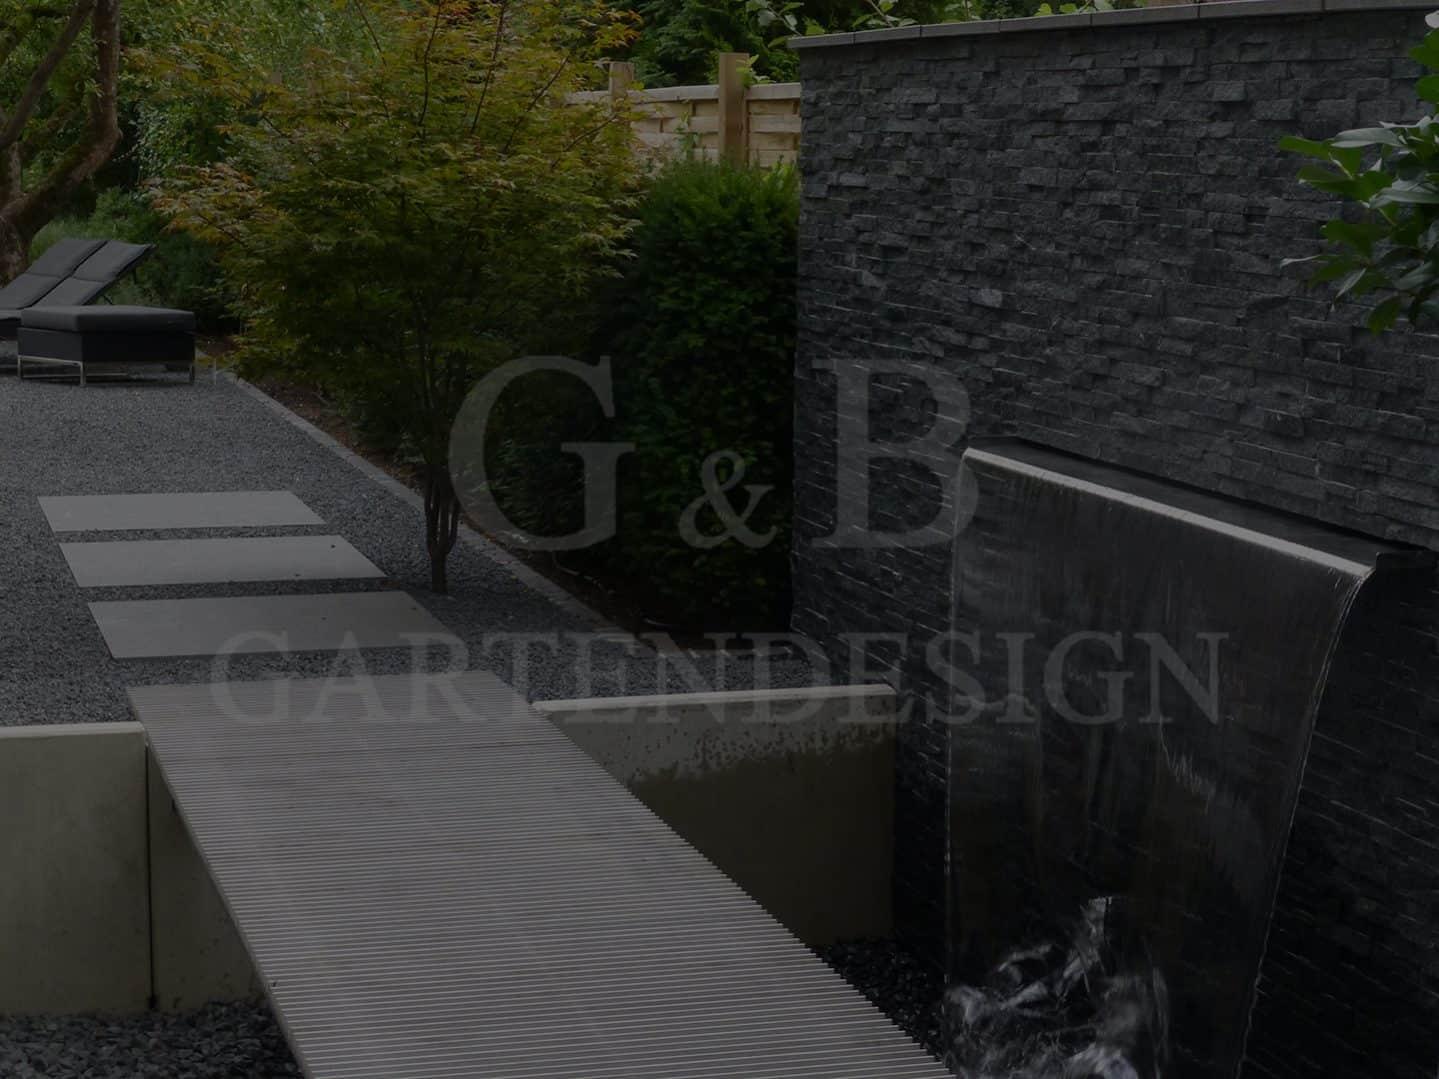 gartengestaltung | gempp gartendesign, Garten ideen